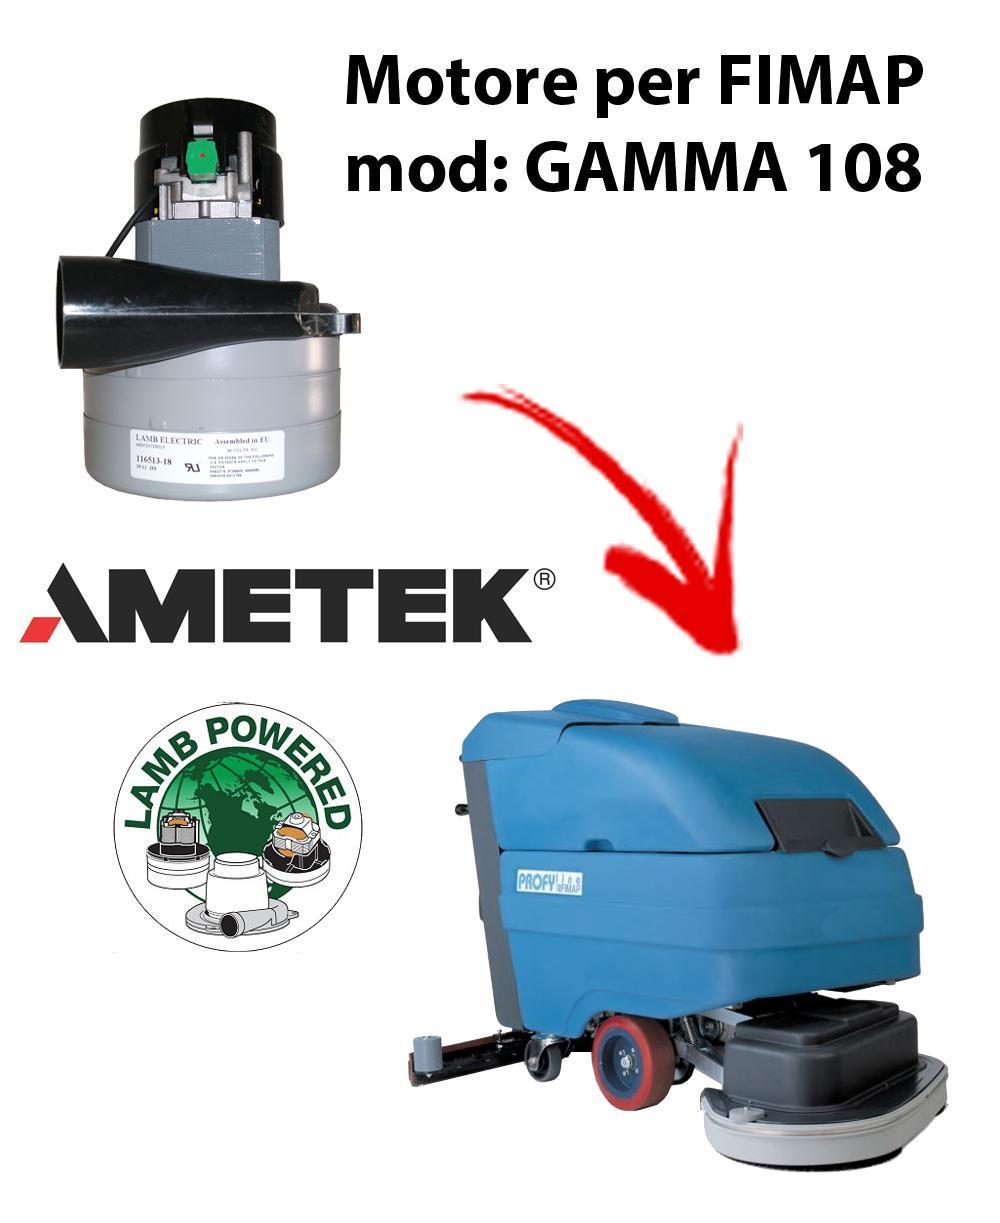 GAMMA 108 MOTEUR ASPIRATION AMETEK pour autolaveuses FIMAP